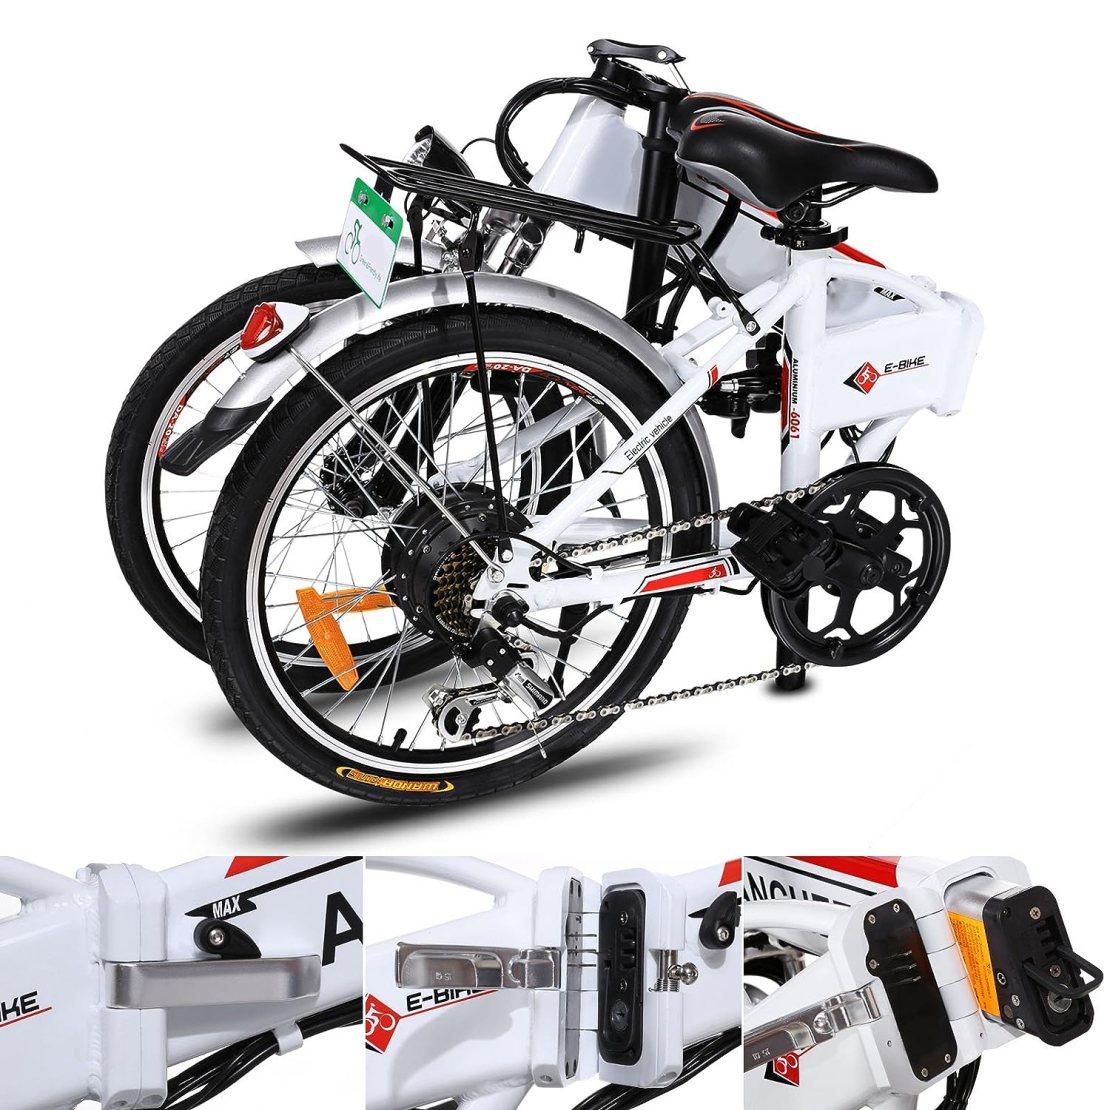 81FQ1qKP7sL. SL1500  - 10 Best Electric Bikes 2019